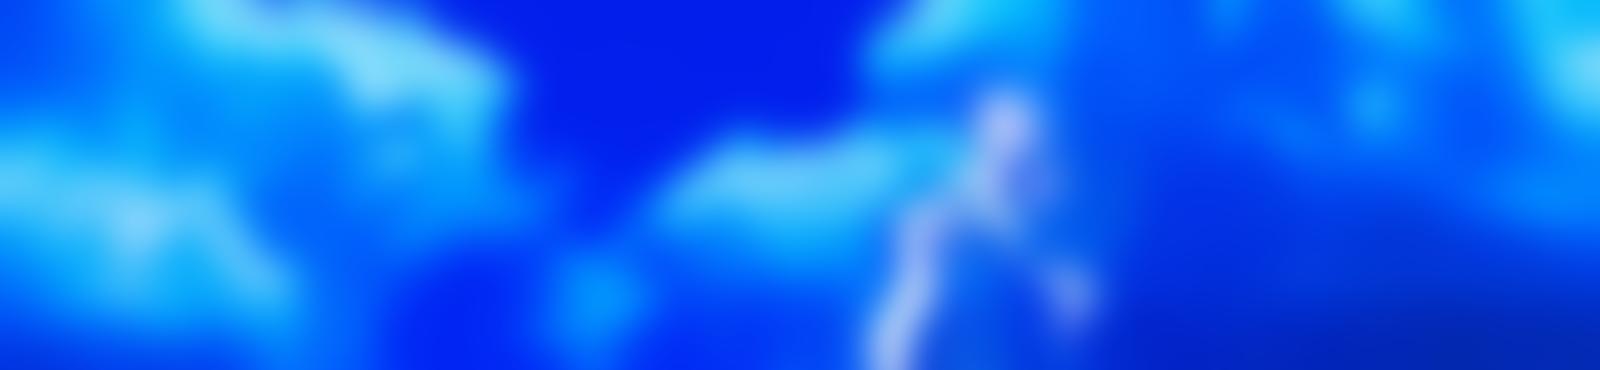 Blurred 40c65473 5a01 4d1b 8a7e 000fd61bf8a3